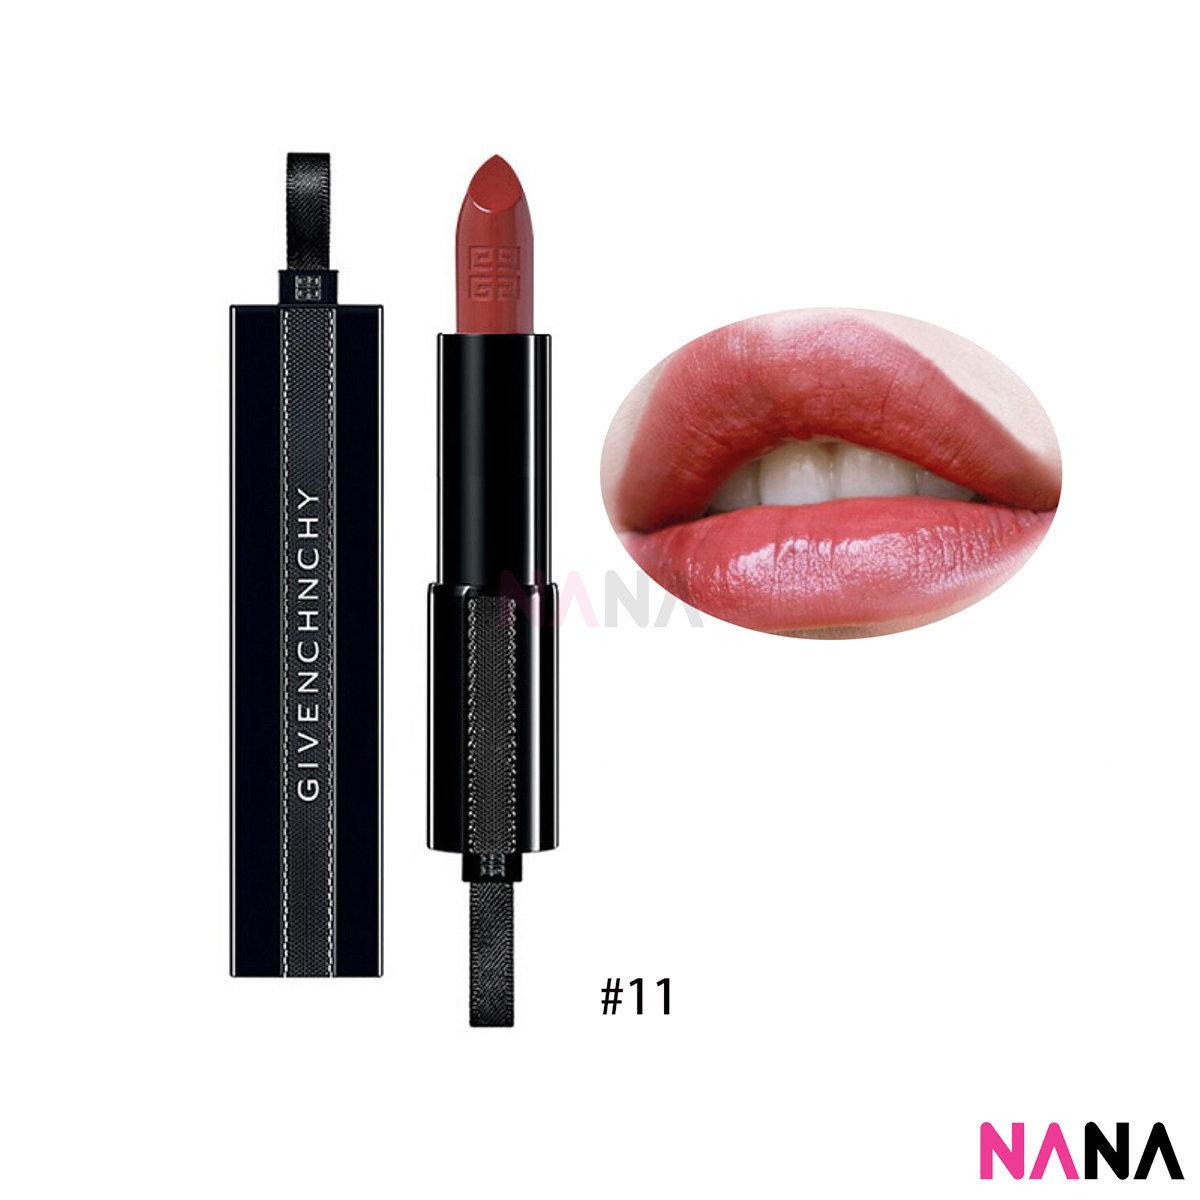 Rouge Interdit Satin Lipstick Comfort & Hold Illicit Color #11 Orange Undergound 3.4g